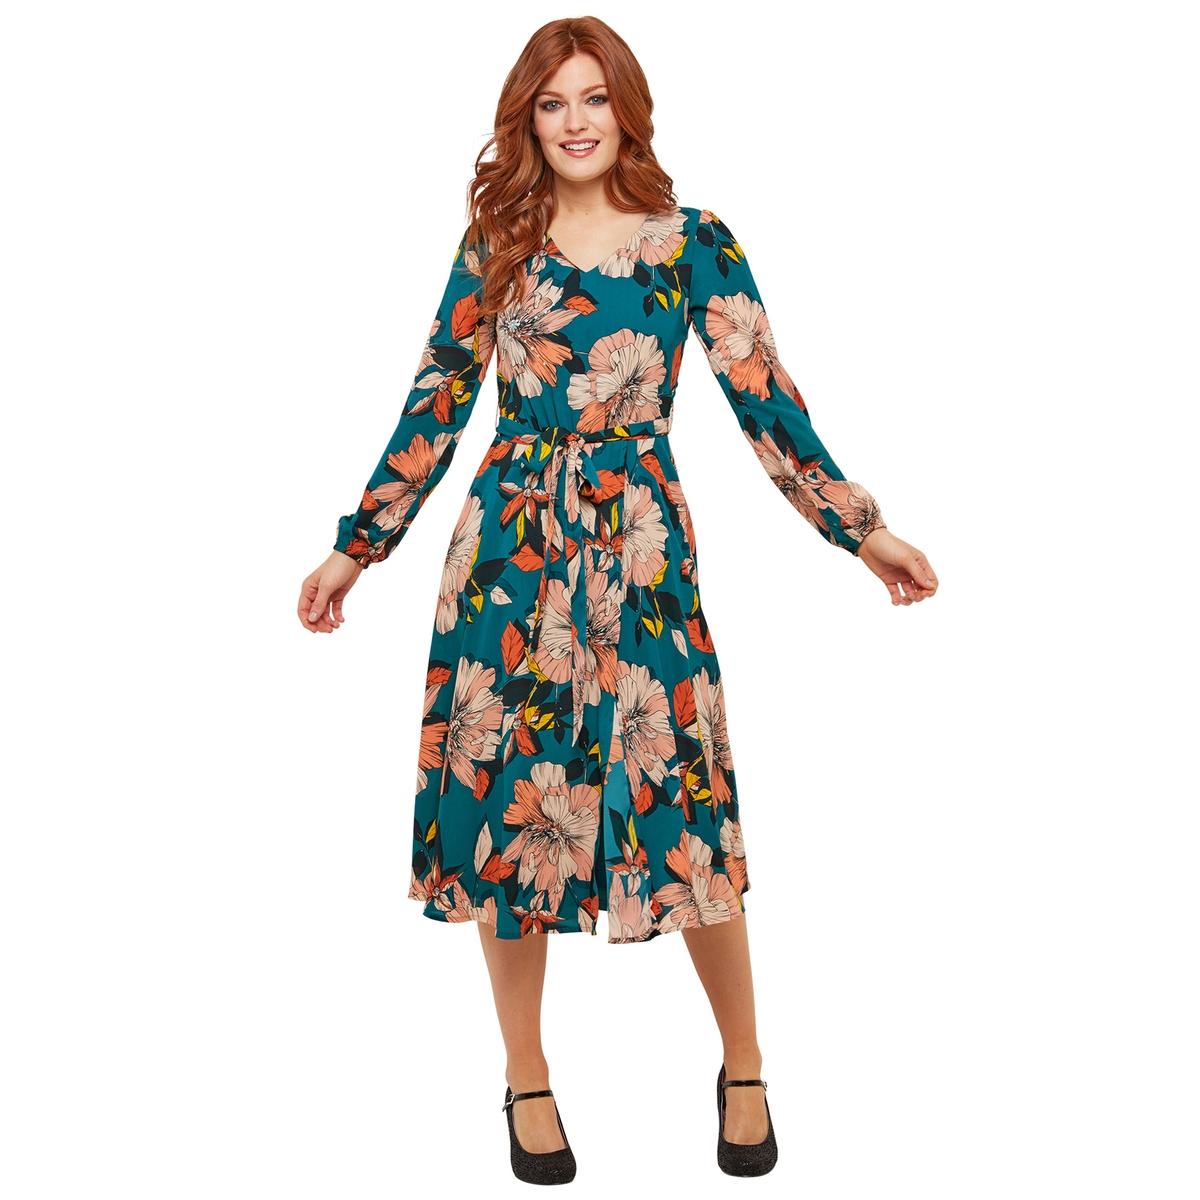 цена Платье La Redoute Средней длины расклешенное с цветочным рисунком и V-образным вырезом 36 (FR) - 42 (RUS) розовый онлайн в 2017 году